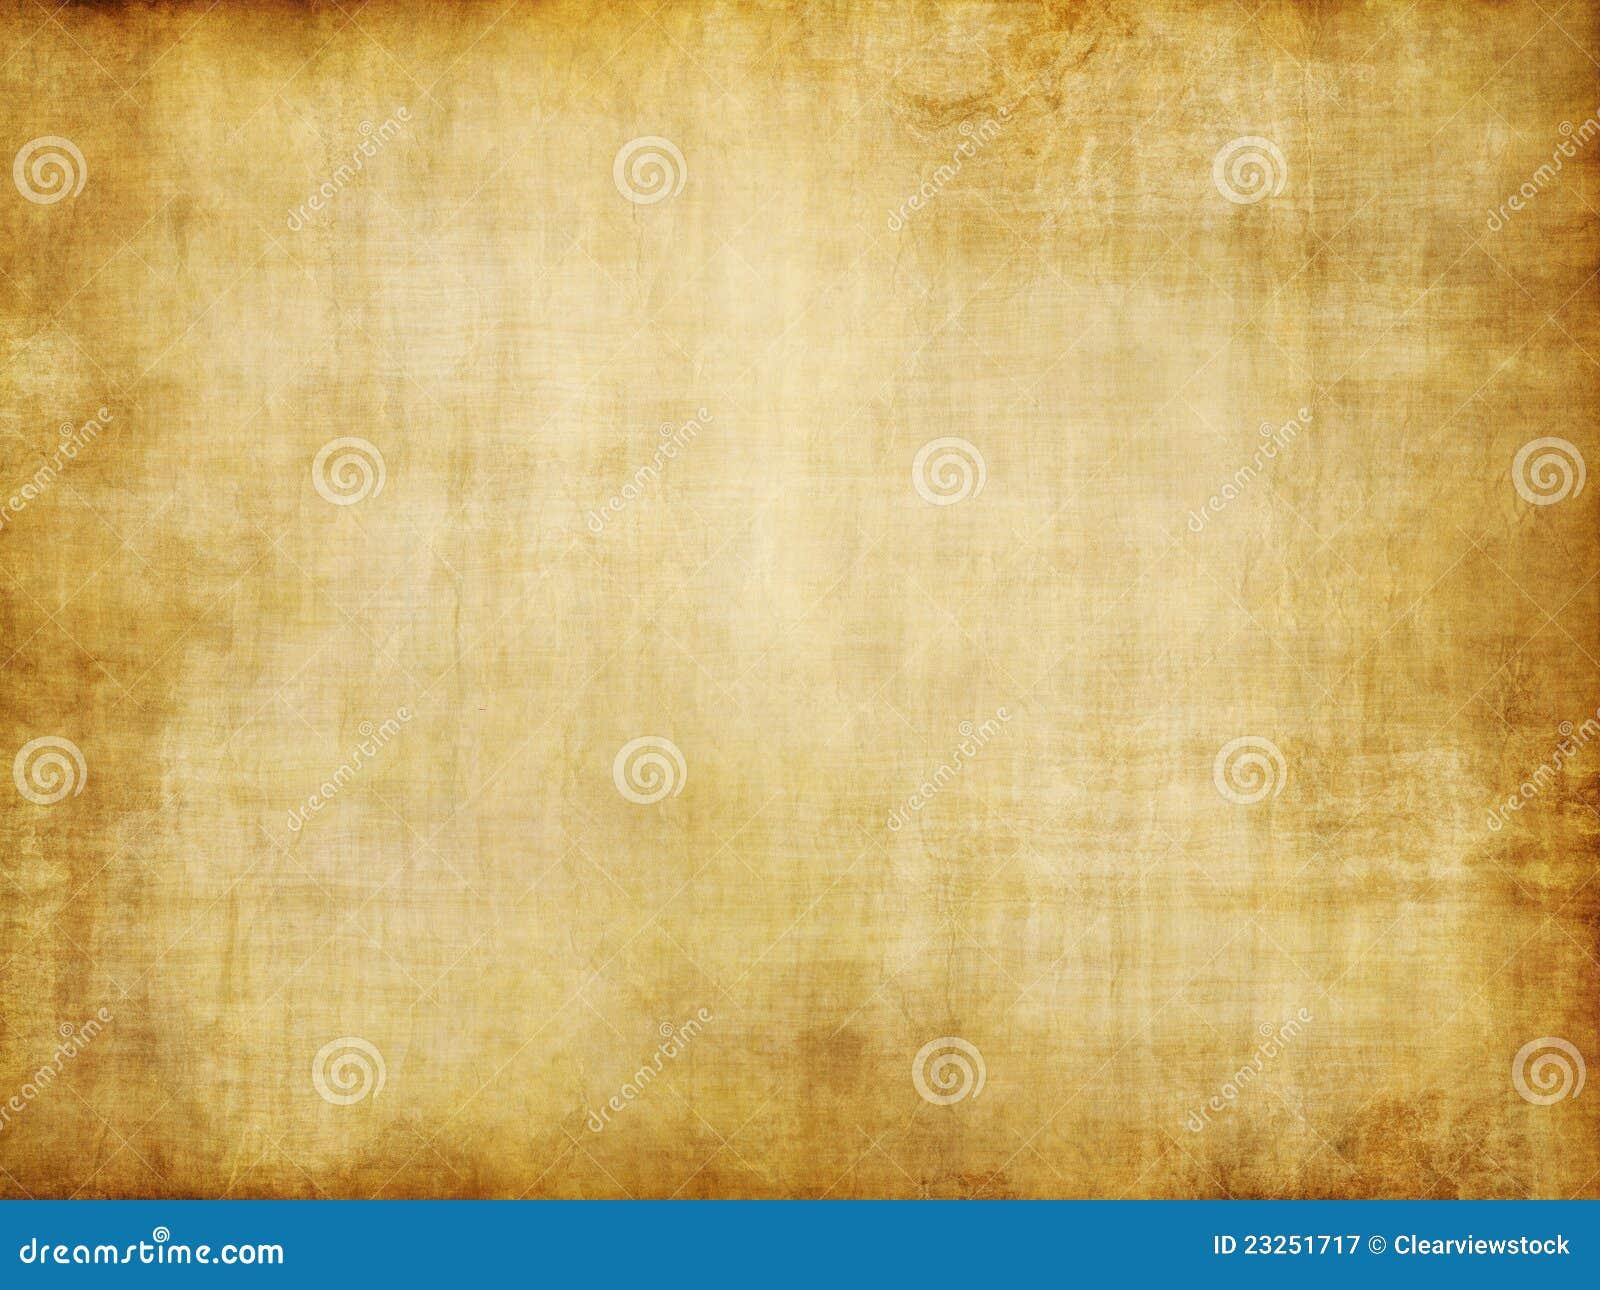 Alte Weinlese-Pergamentpapierbeschaffenheit des gelben Brauns